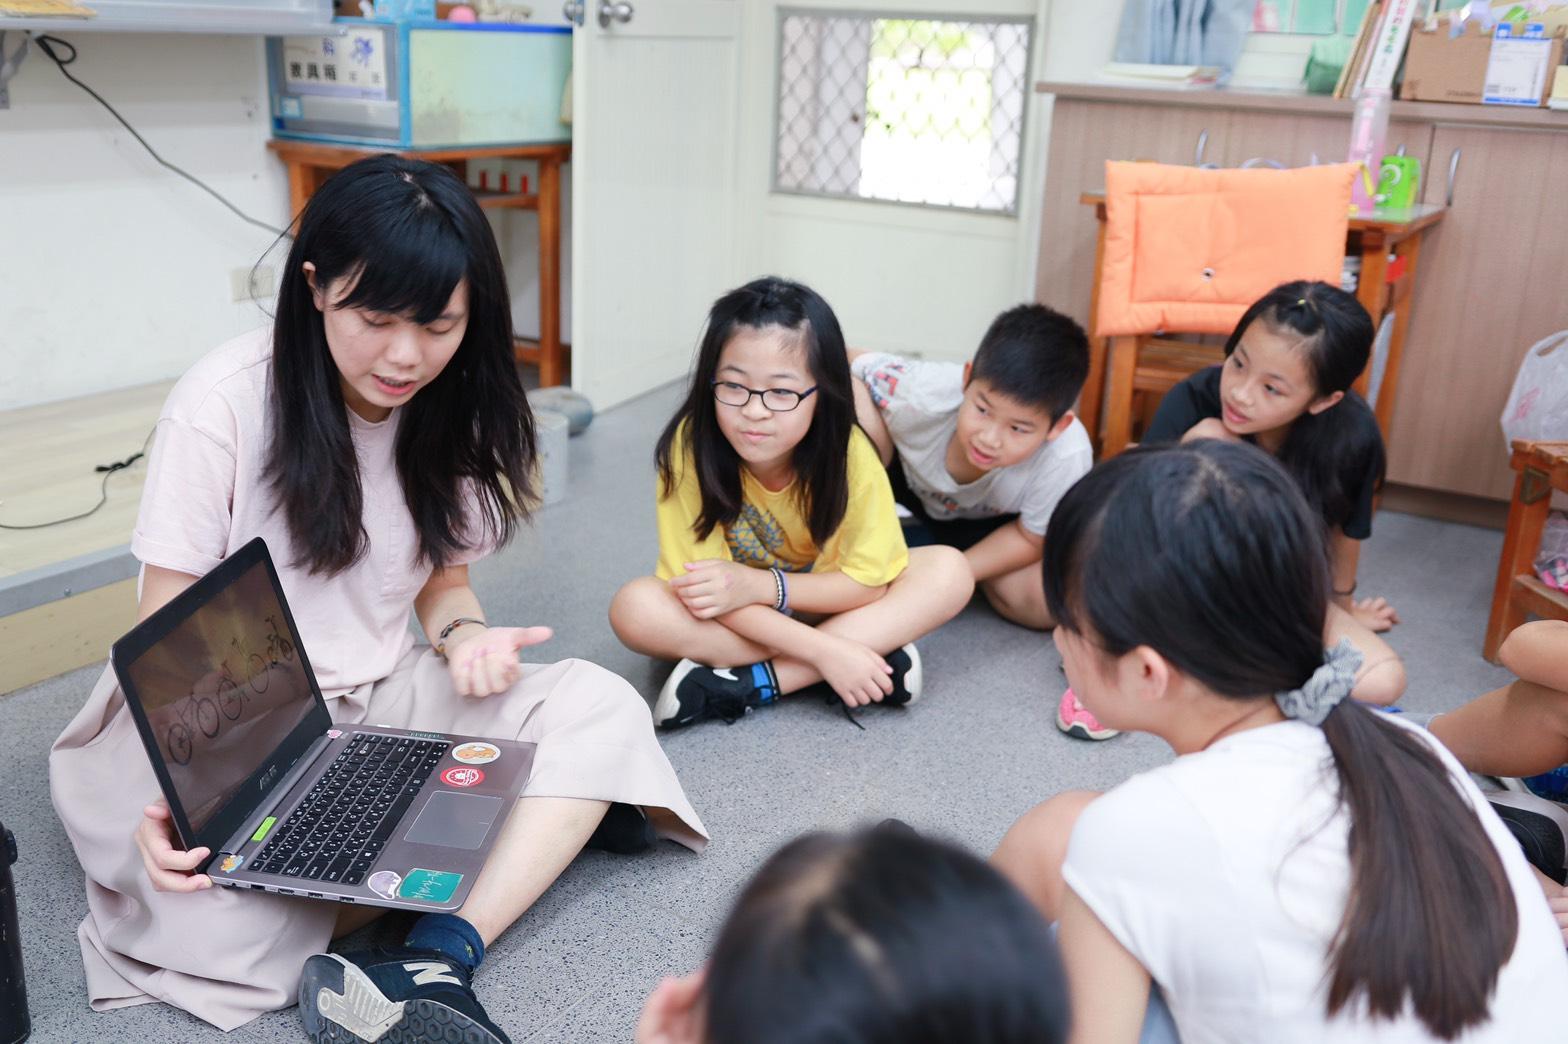 (圖二)團隊規劃教案,透過互動課程帶領偏鄉學生培養四大關鍵能力:計畫力、溝通力、情緒力及未來力。